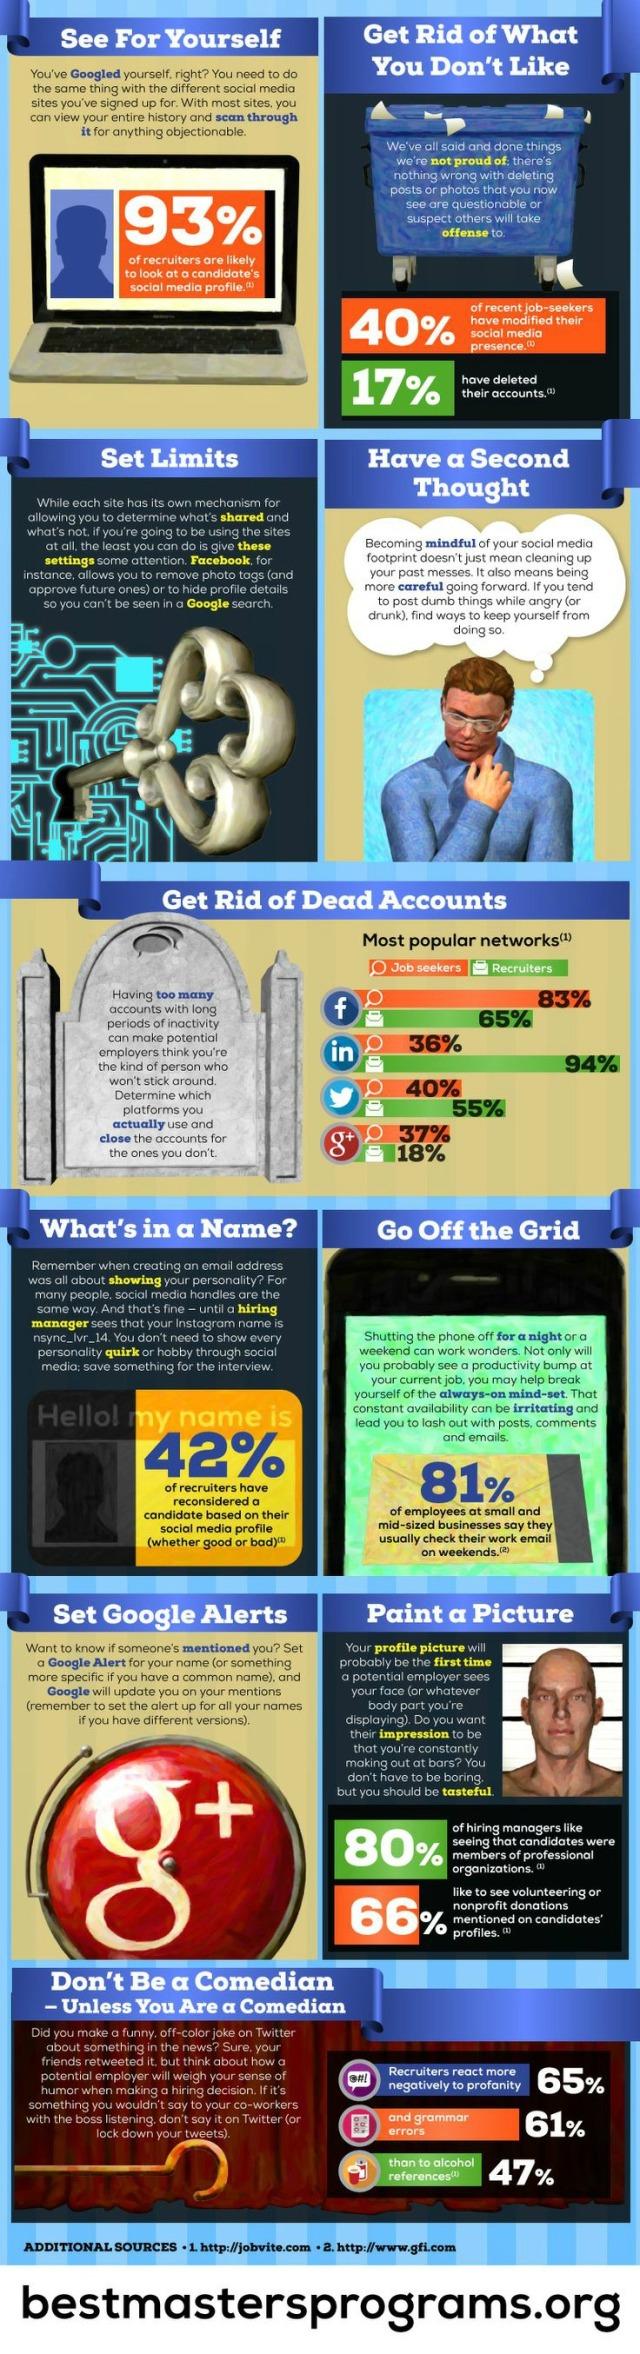 hcsm infographic2